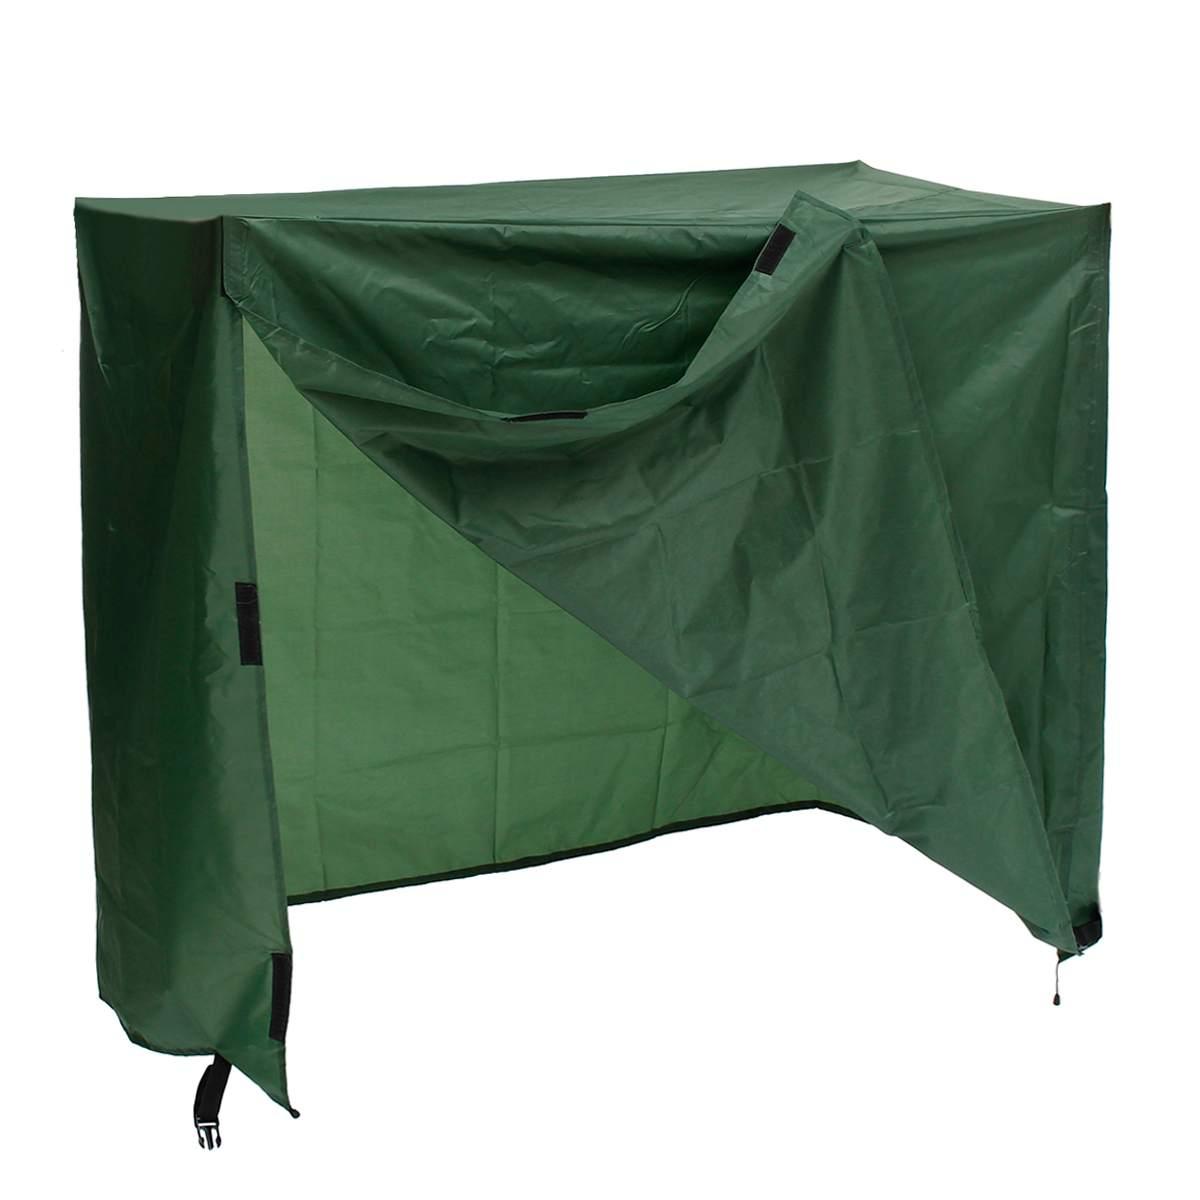 Garden Furniture Covers Waterproof Patio Swing Dustproof For Outdoors Garden Protective Case